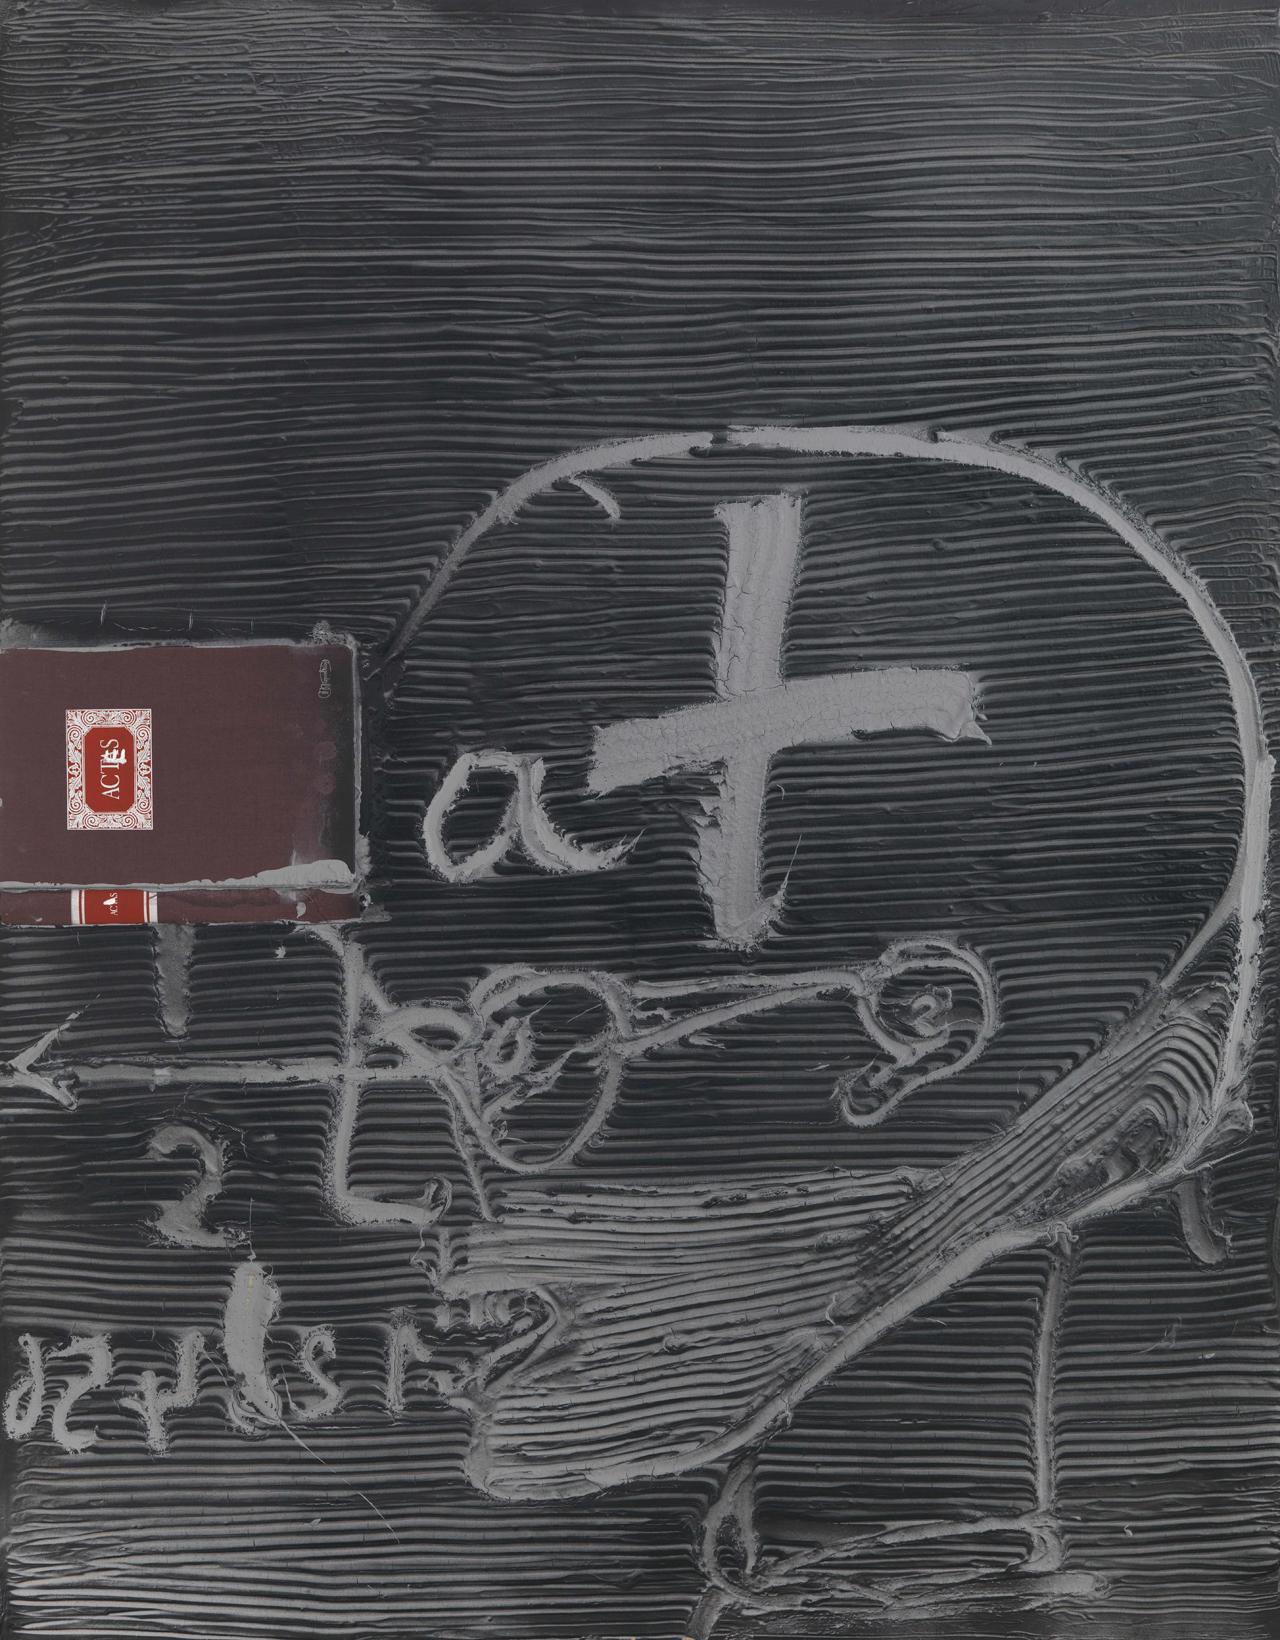 Antoni Tàpies, Actes, 2003, Mischtechnik und Collage auf Holz, 146 x 114 cm